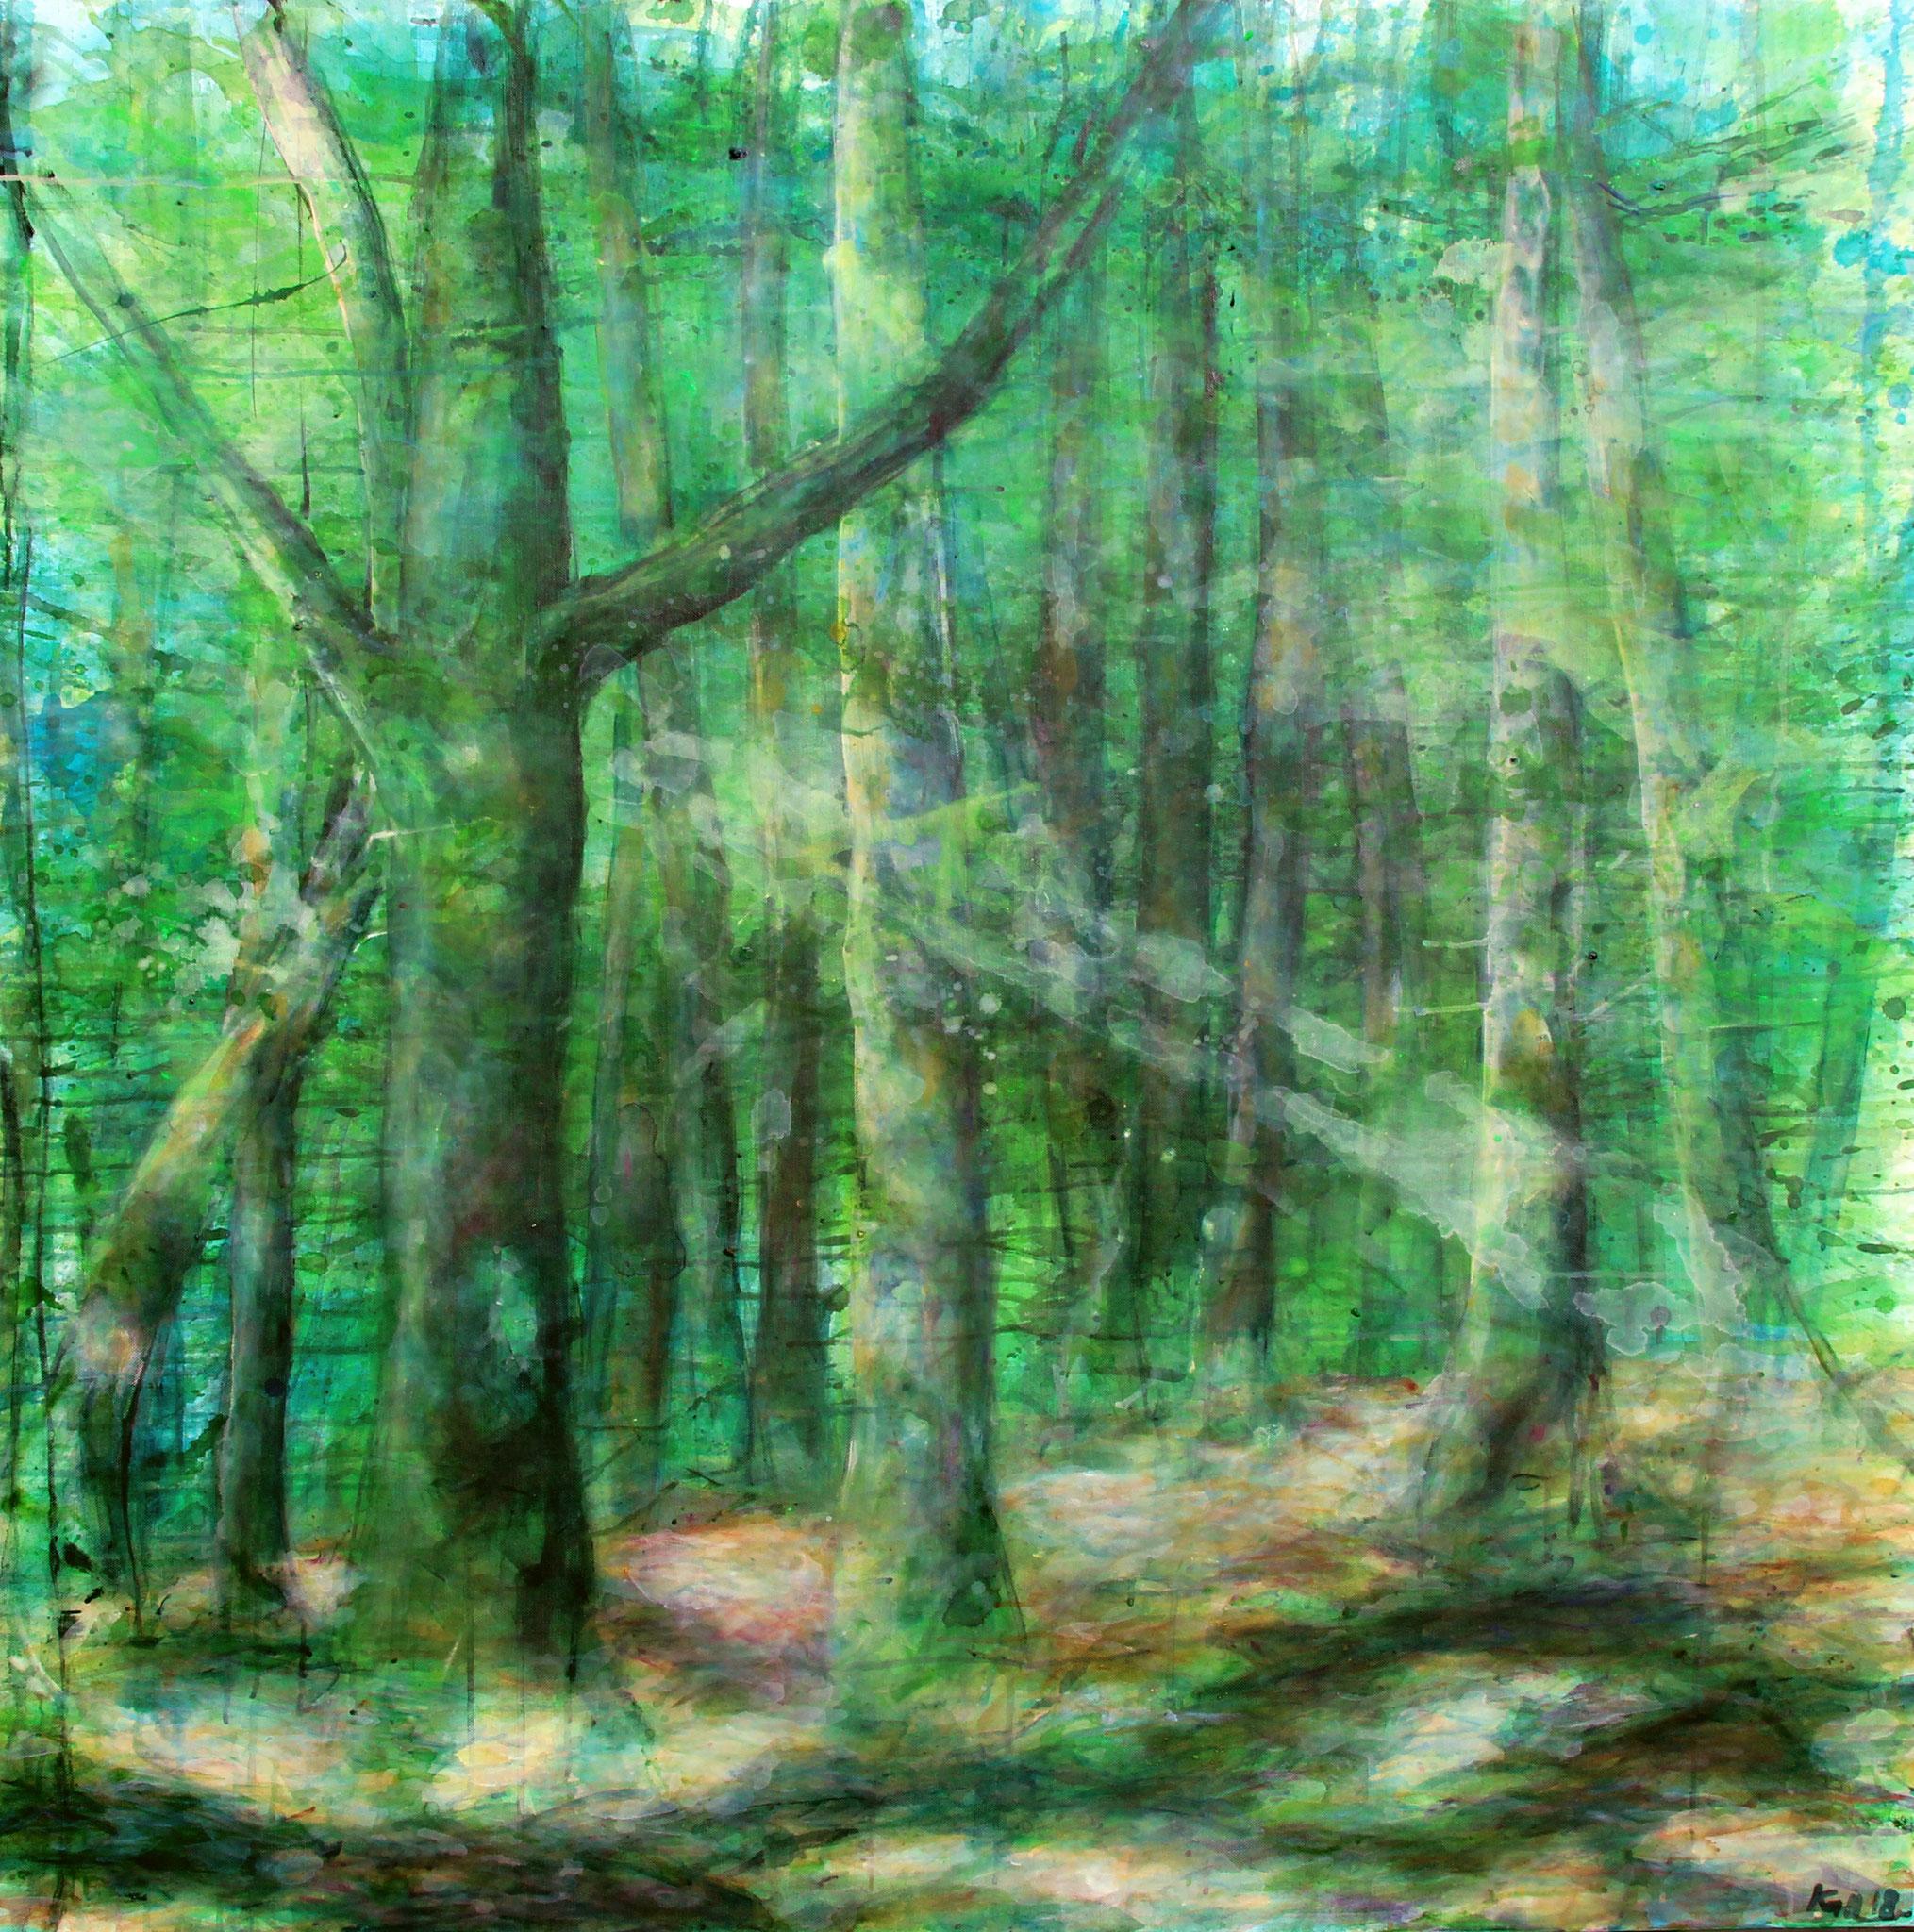 forest wisdom, Acryl auf Leinwand, 120 x 120 cm, 2018